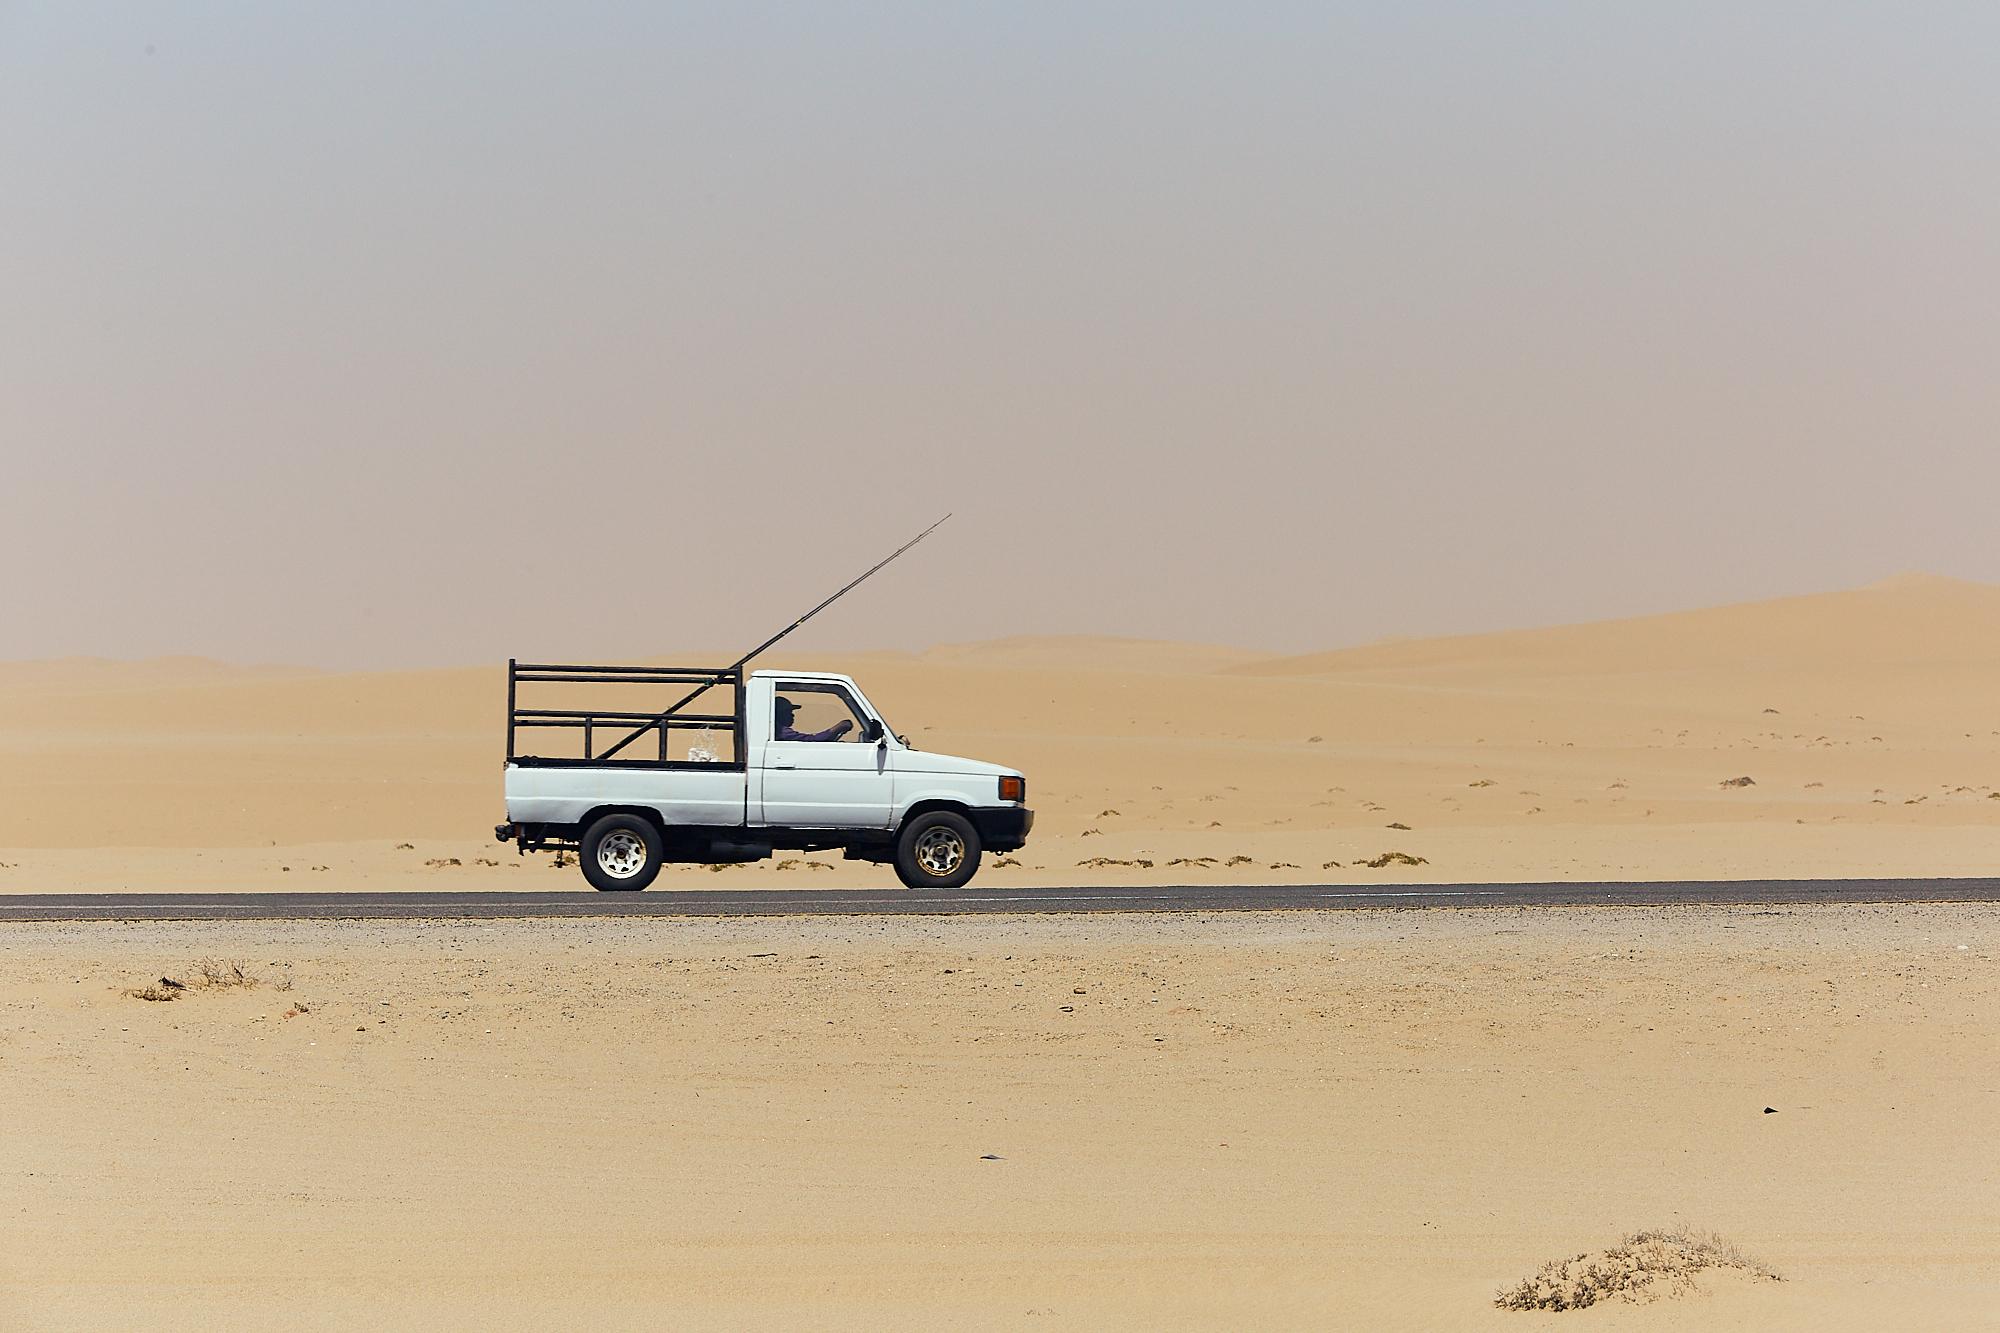 White van in the desert